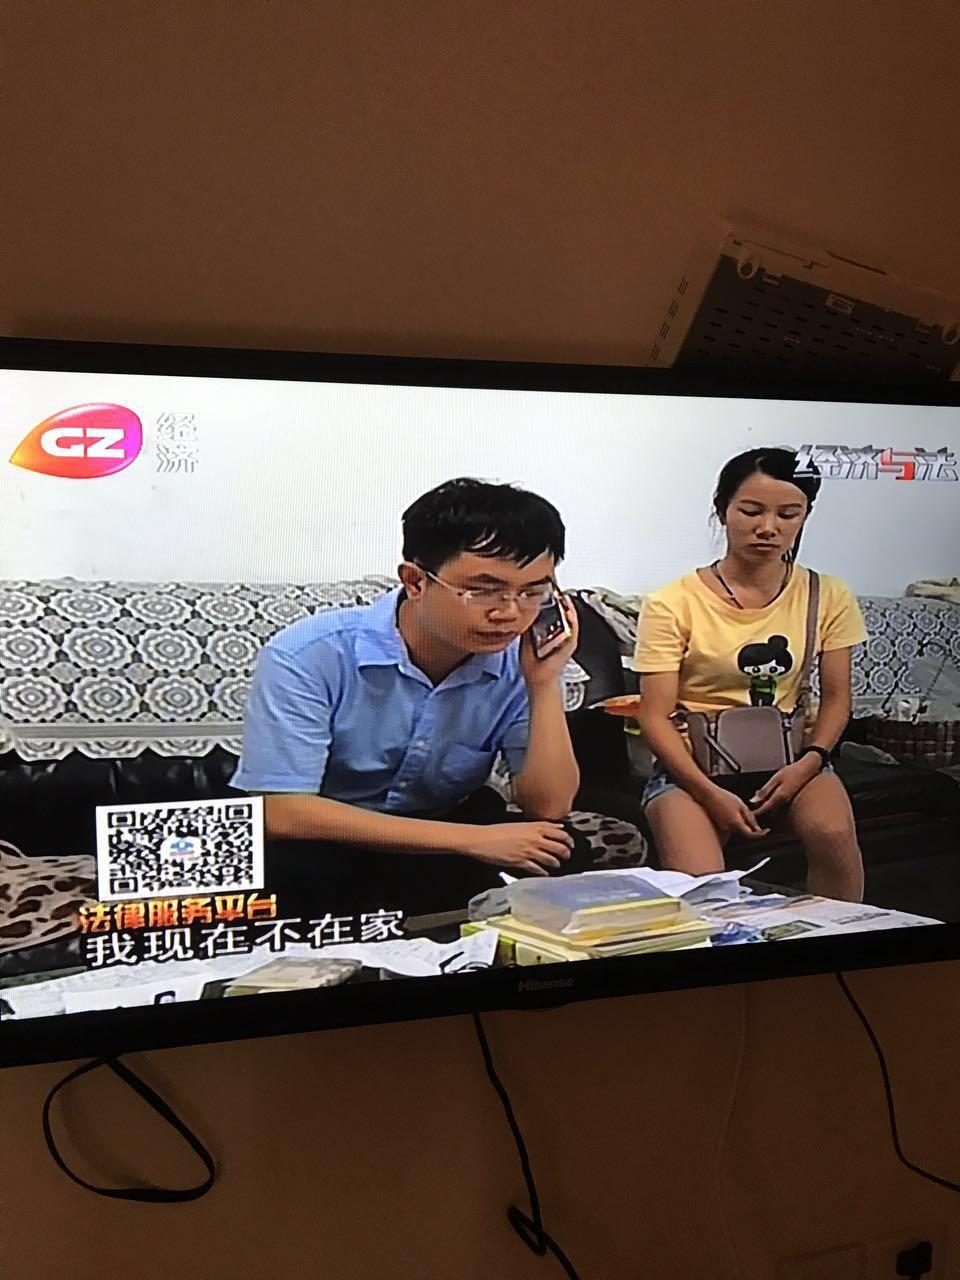 马俊哲律师参与电视节目录制现场